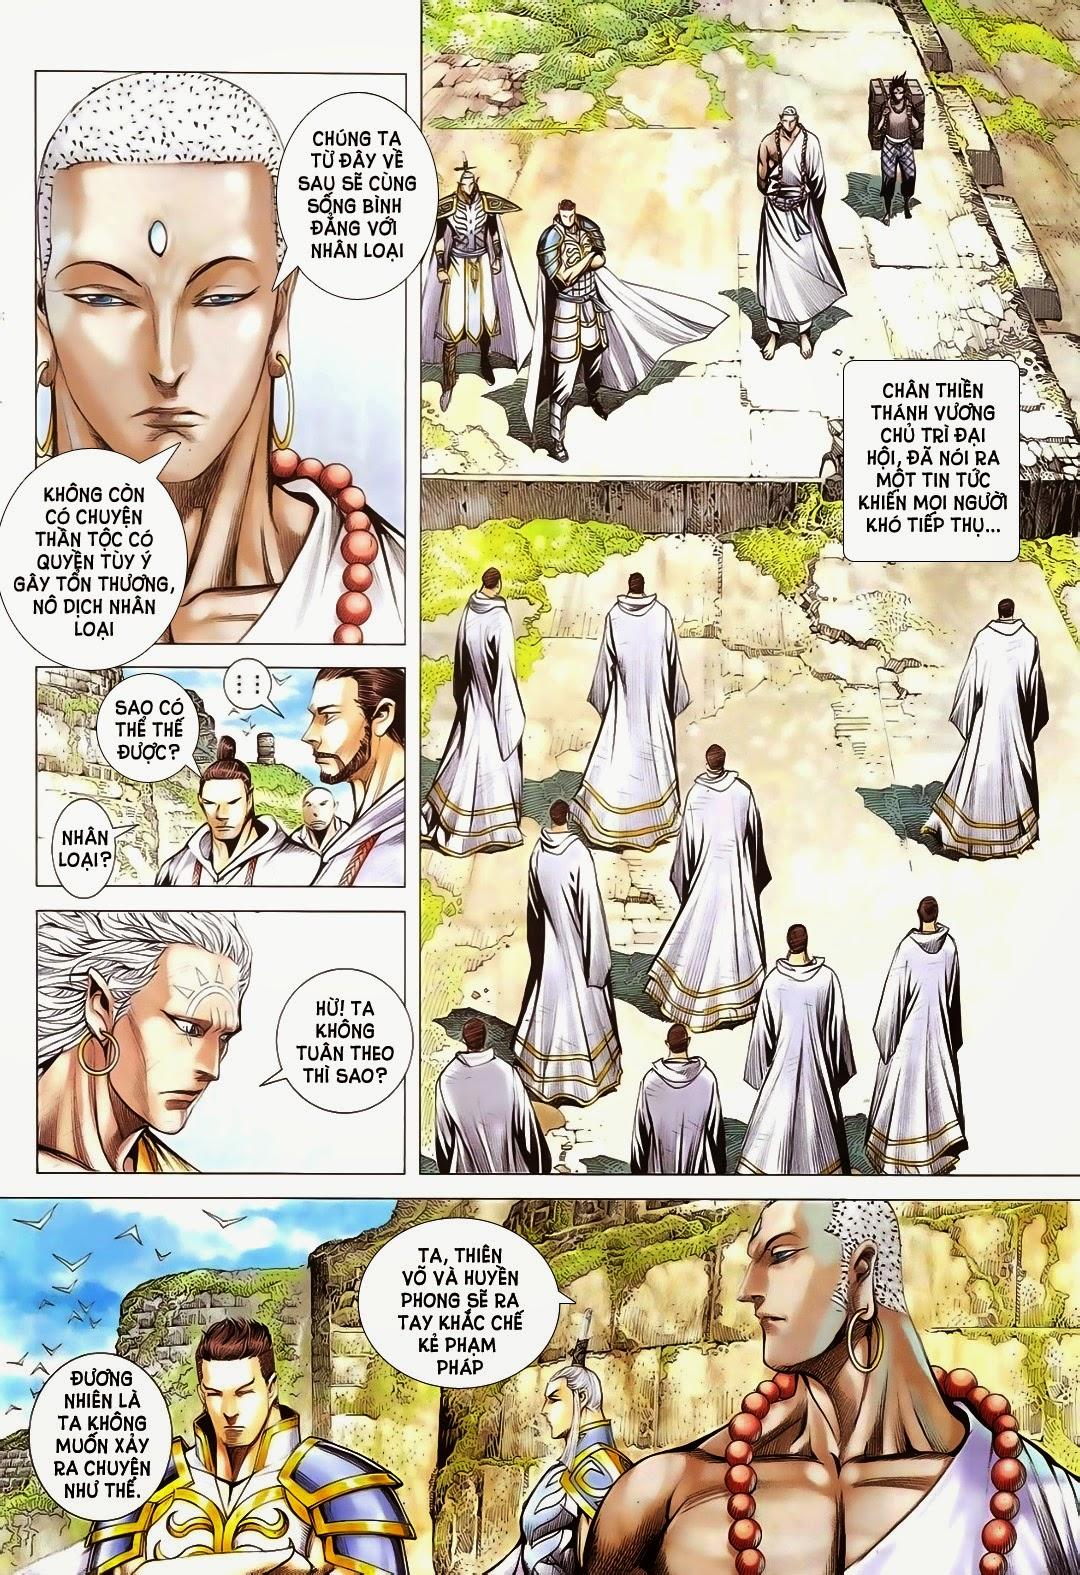 Phong Thần Ký chap 181 - Trang 13